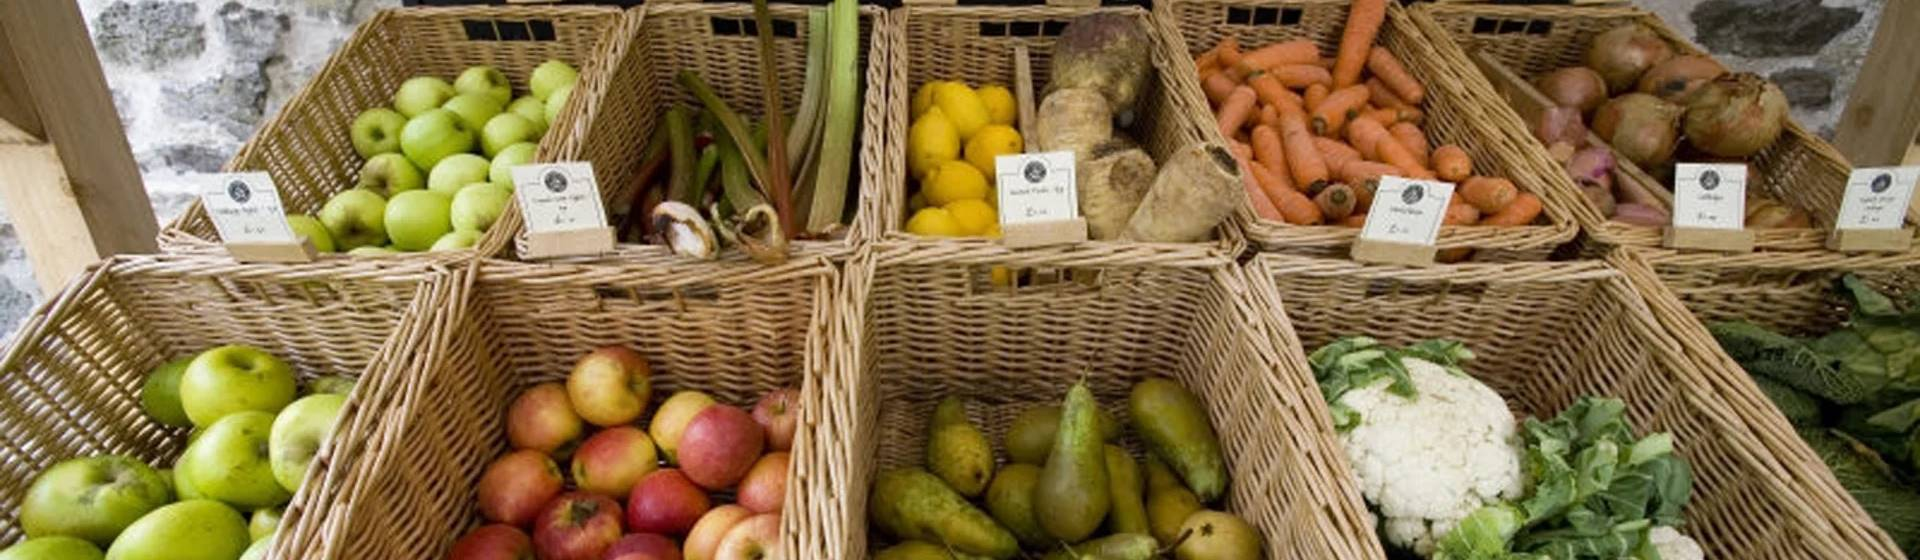 Artisan Food Market at Waddesdon Manor & Gardens